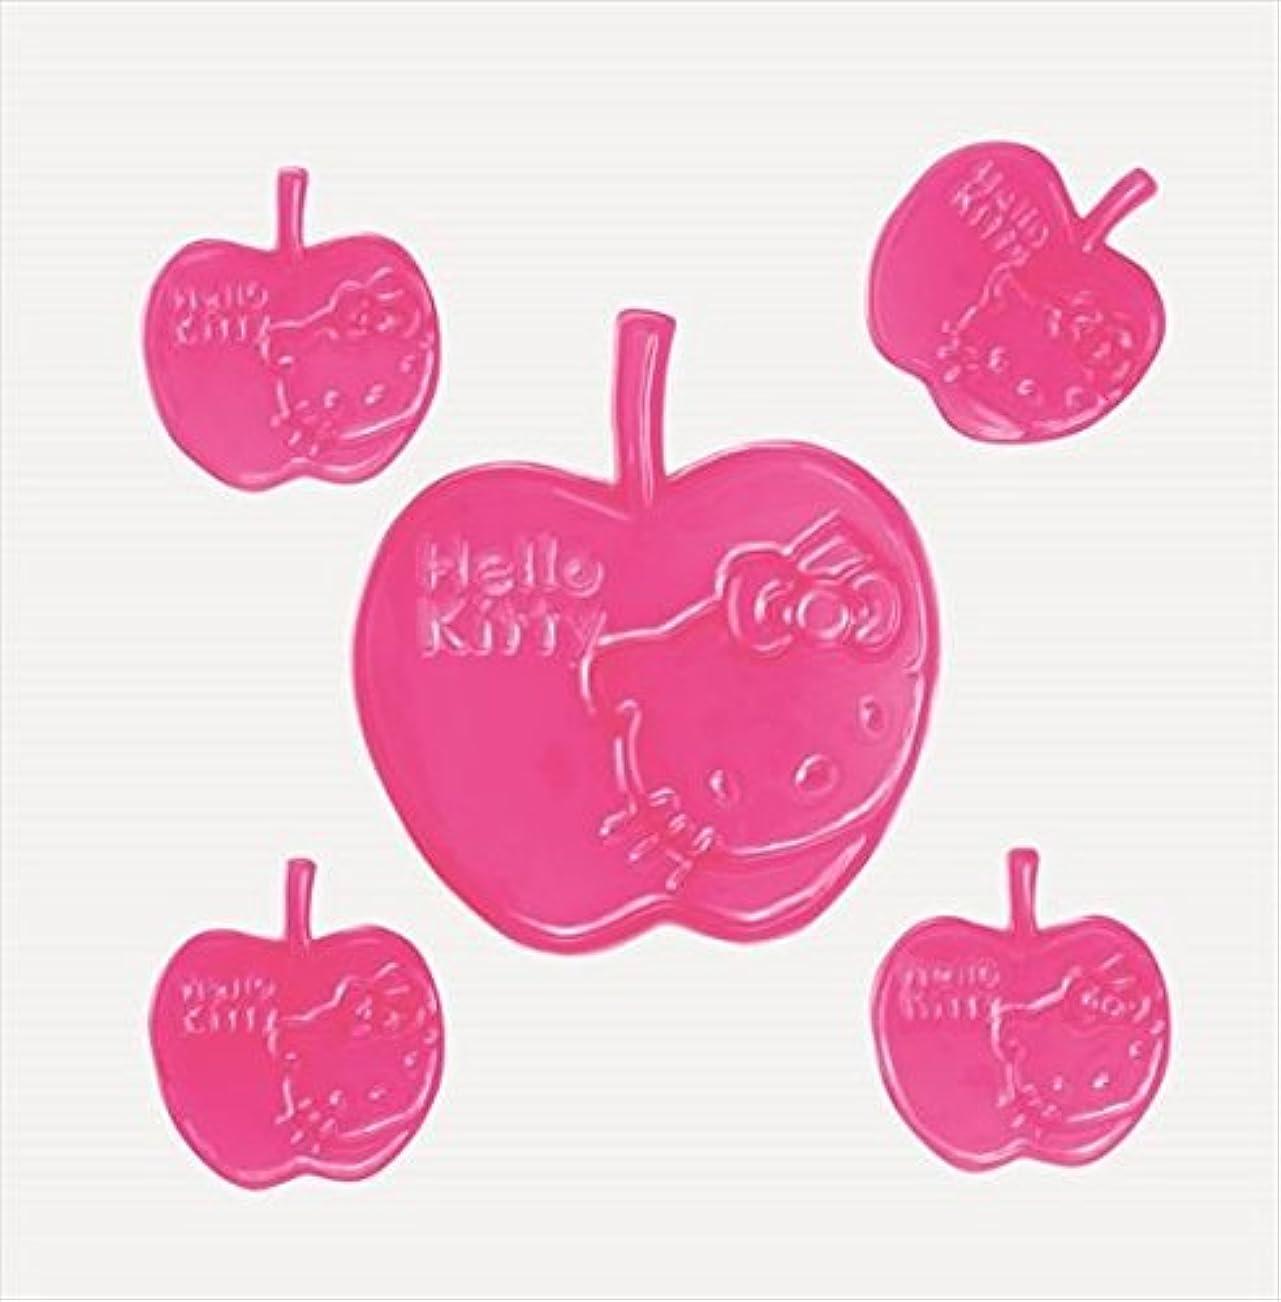 気味の悪いブルジョンノベルティGelGems(ジェルジェム) ジェルジェムハローキティバッグS 「 ピンクリンゴ 」 E1200002 キャンドル 200x255x5mm (E1200002)